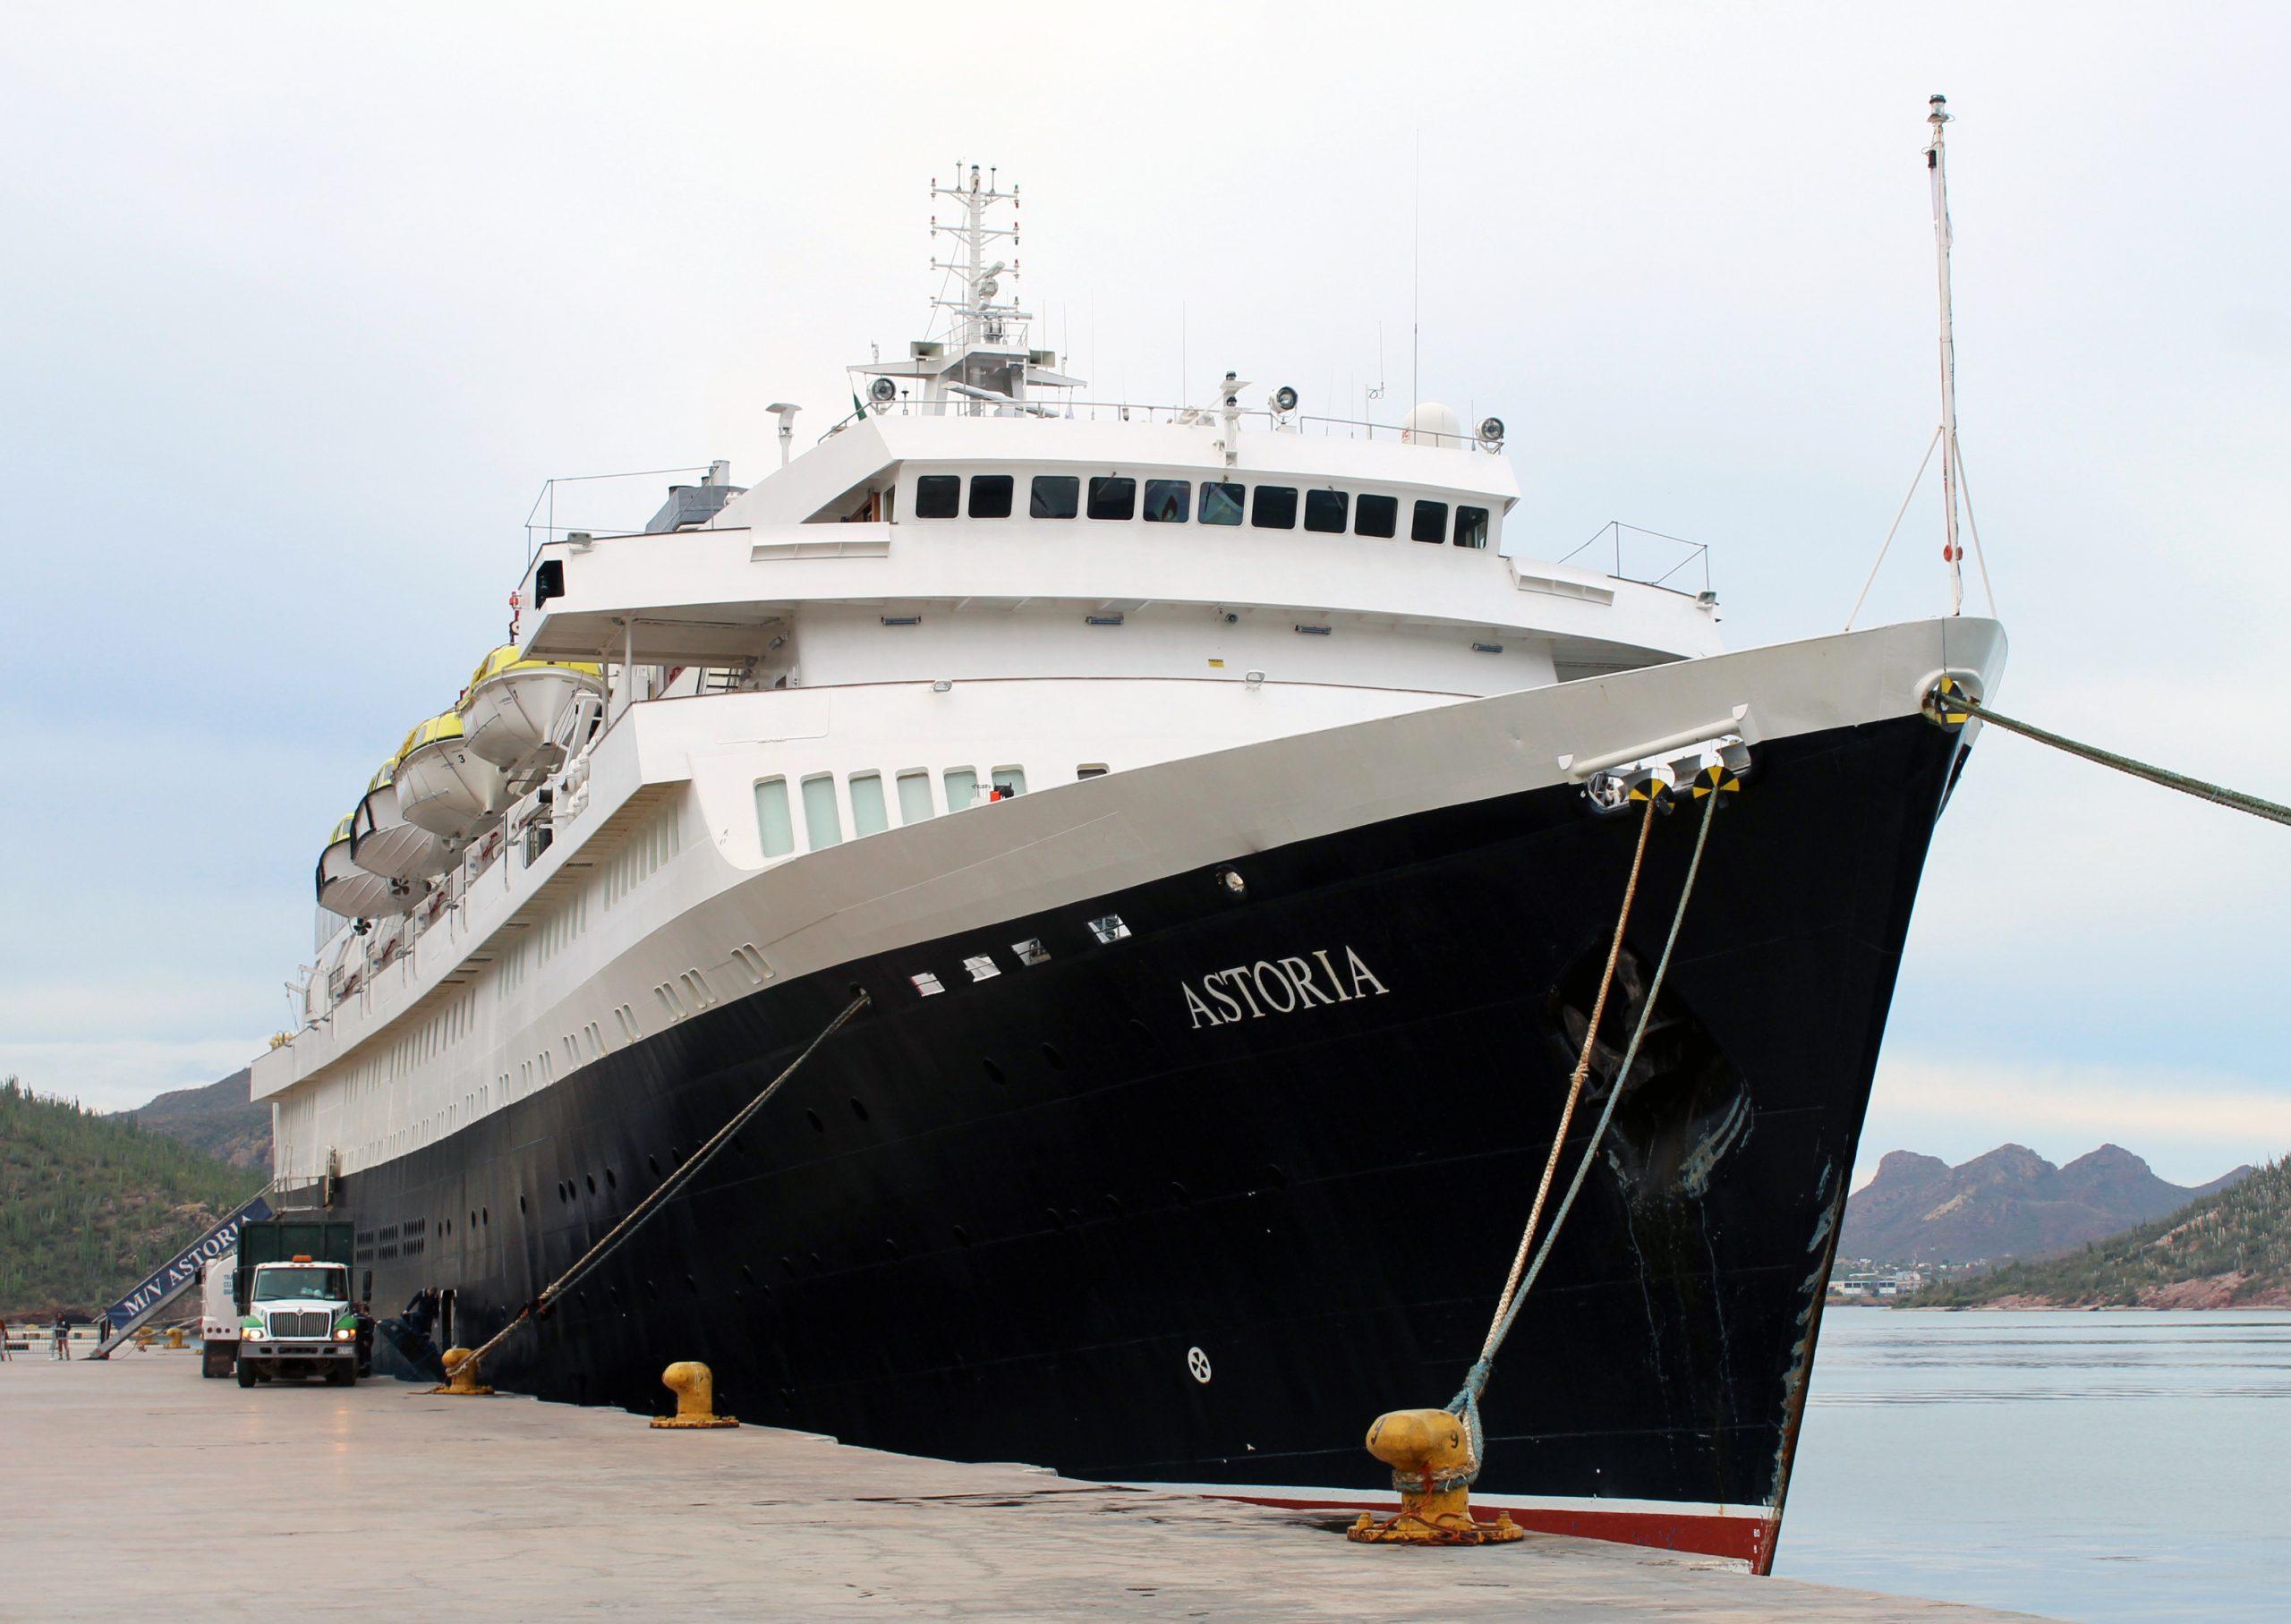 Cabildean la llegada de más cruceros al Mar de Cortés